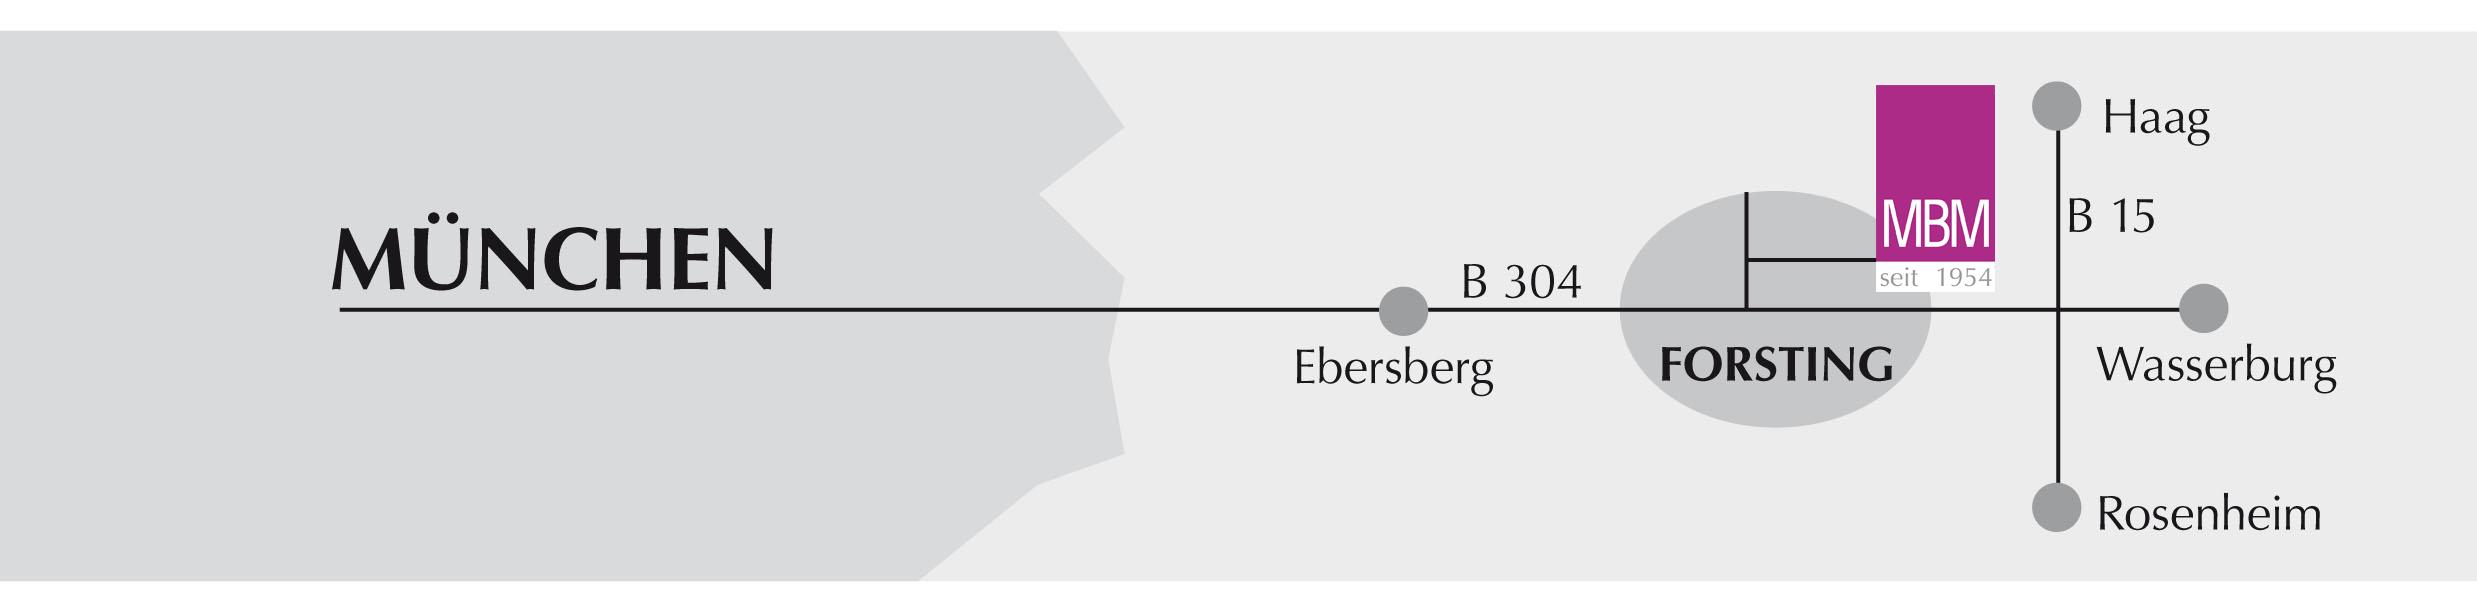 Anfahrt zu MBM nach Forsting / Pfaffing